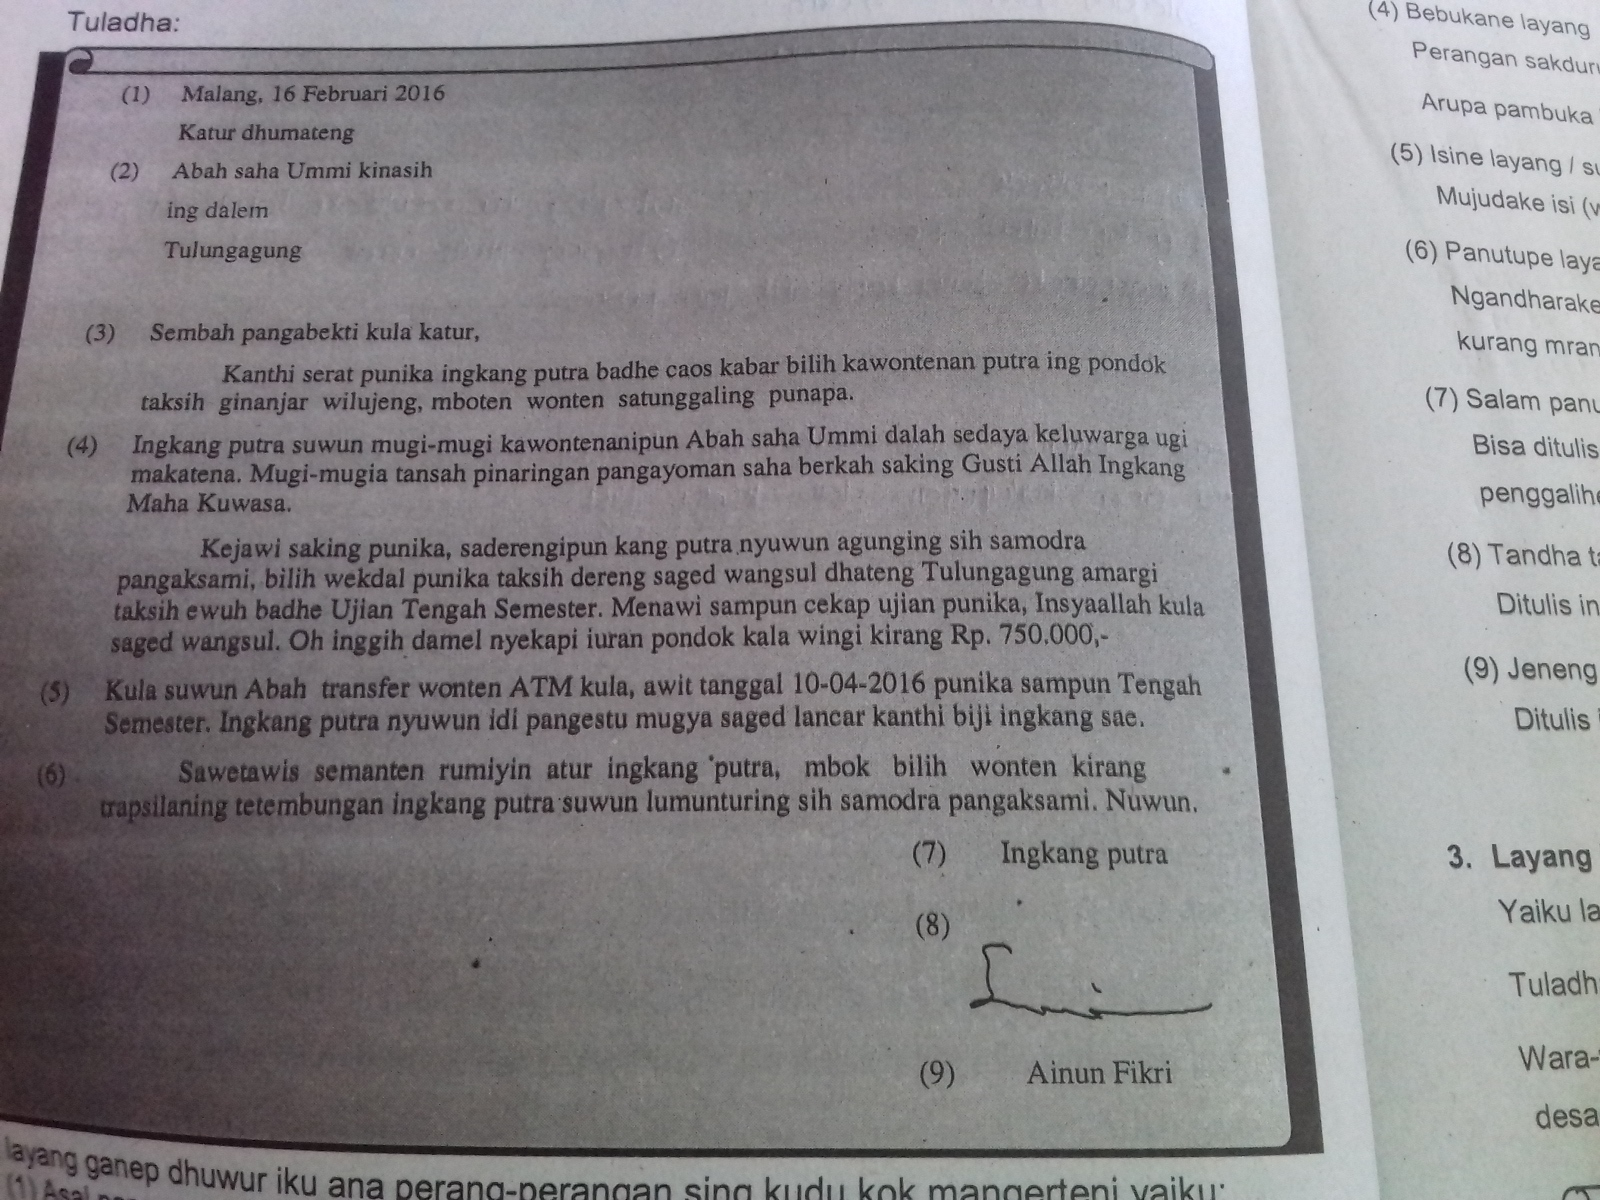 Contoh Surat Pribadi Untuk Orang Tua Dalam Bahasa Daerah Brainly Co Id